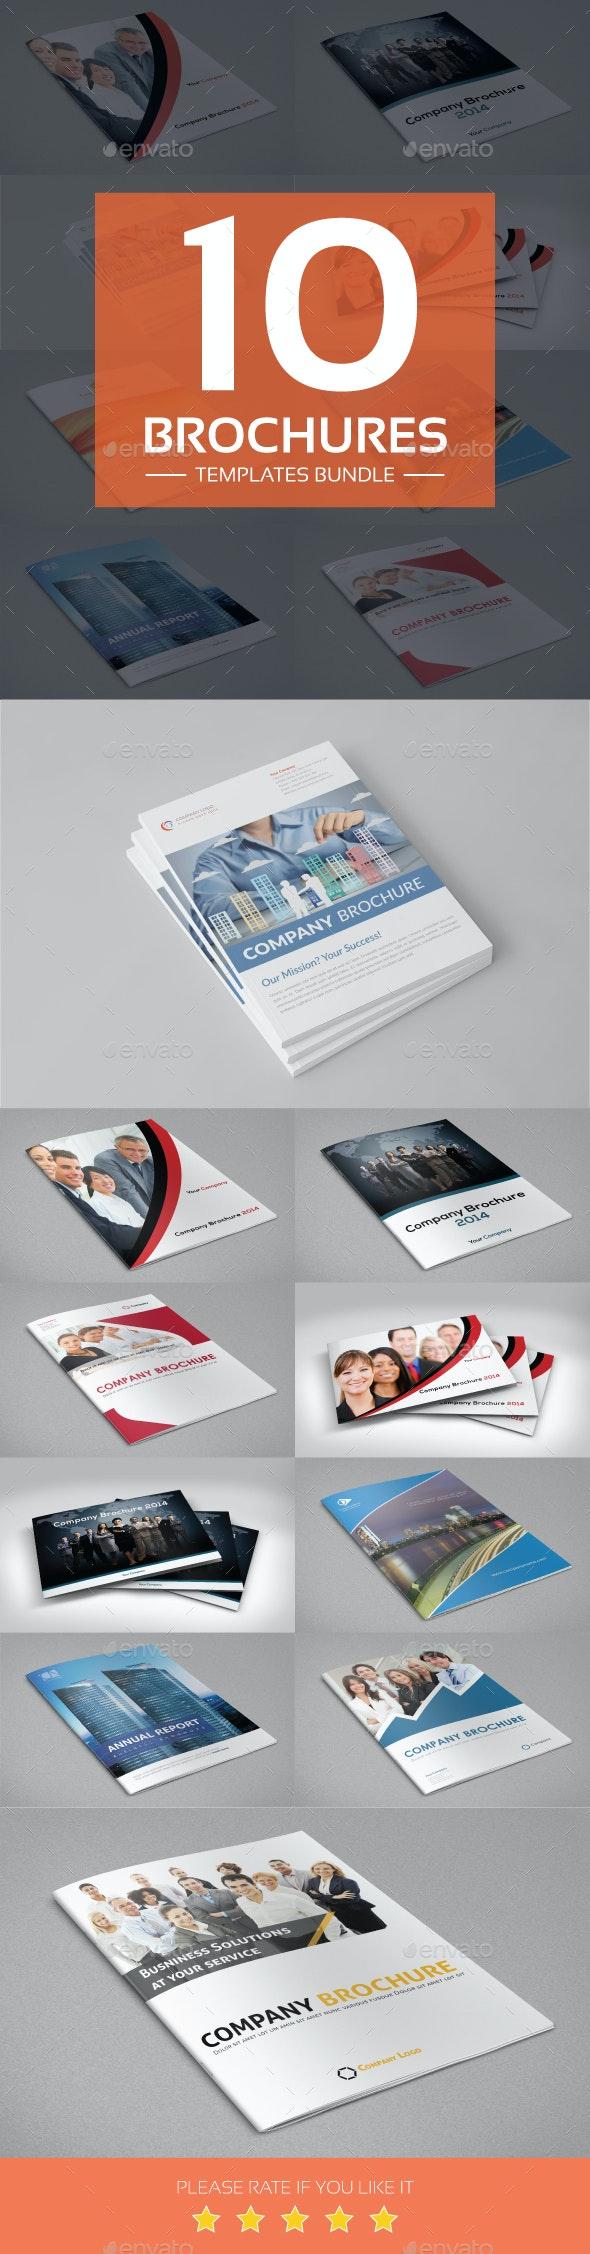 Brochures Templates Bundle - Corporate Brochures